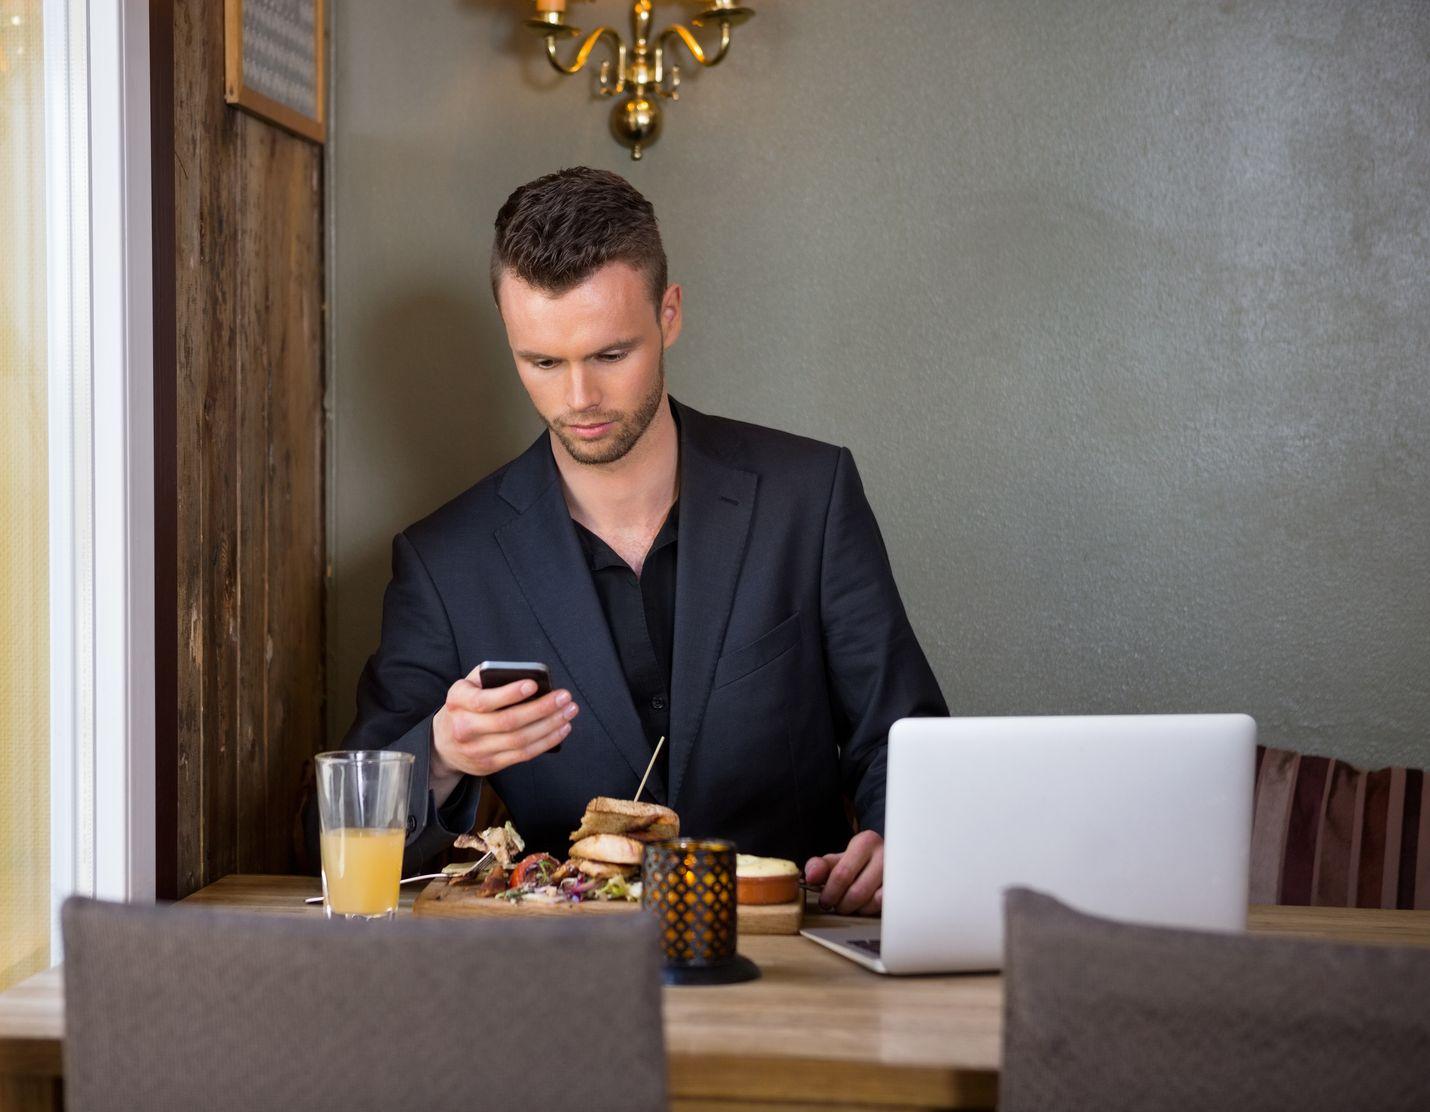 Pelaaminen ja sosiaalinen media vievät monen nuoren työntekijän aikaa niin, että uni ja palautuminen jäävät vähiin.